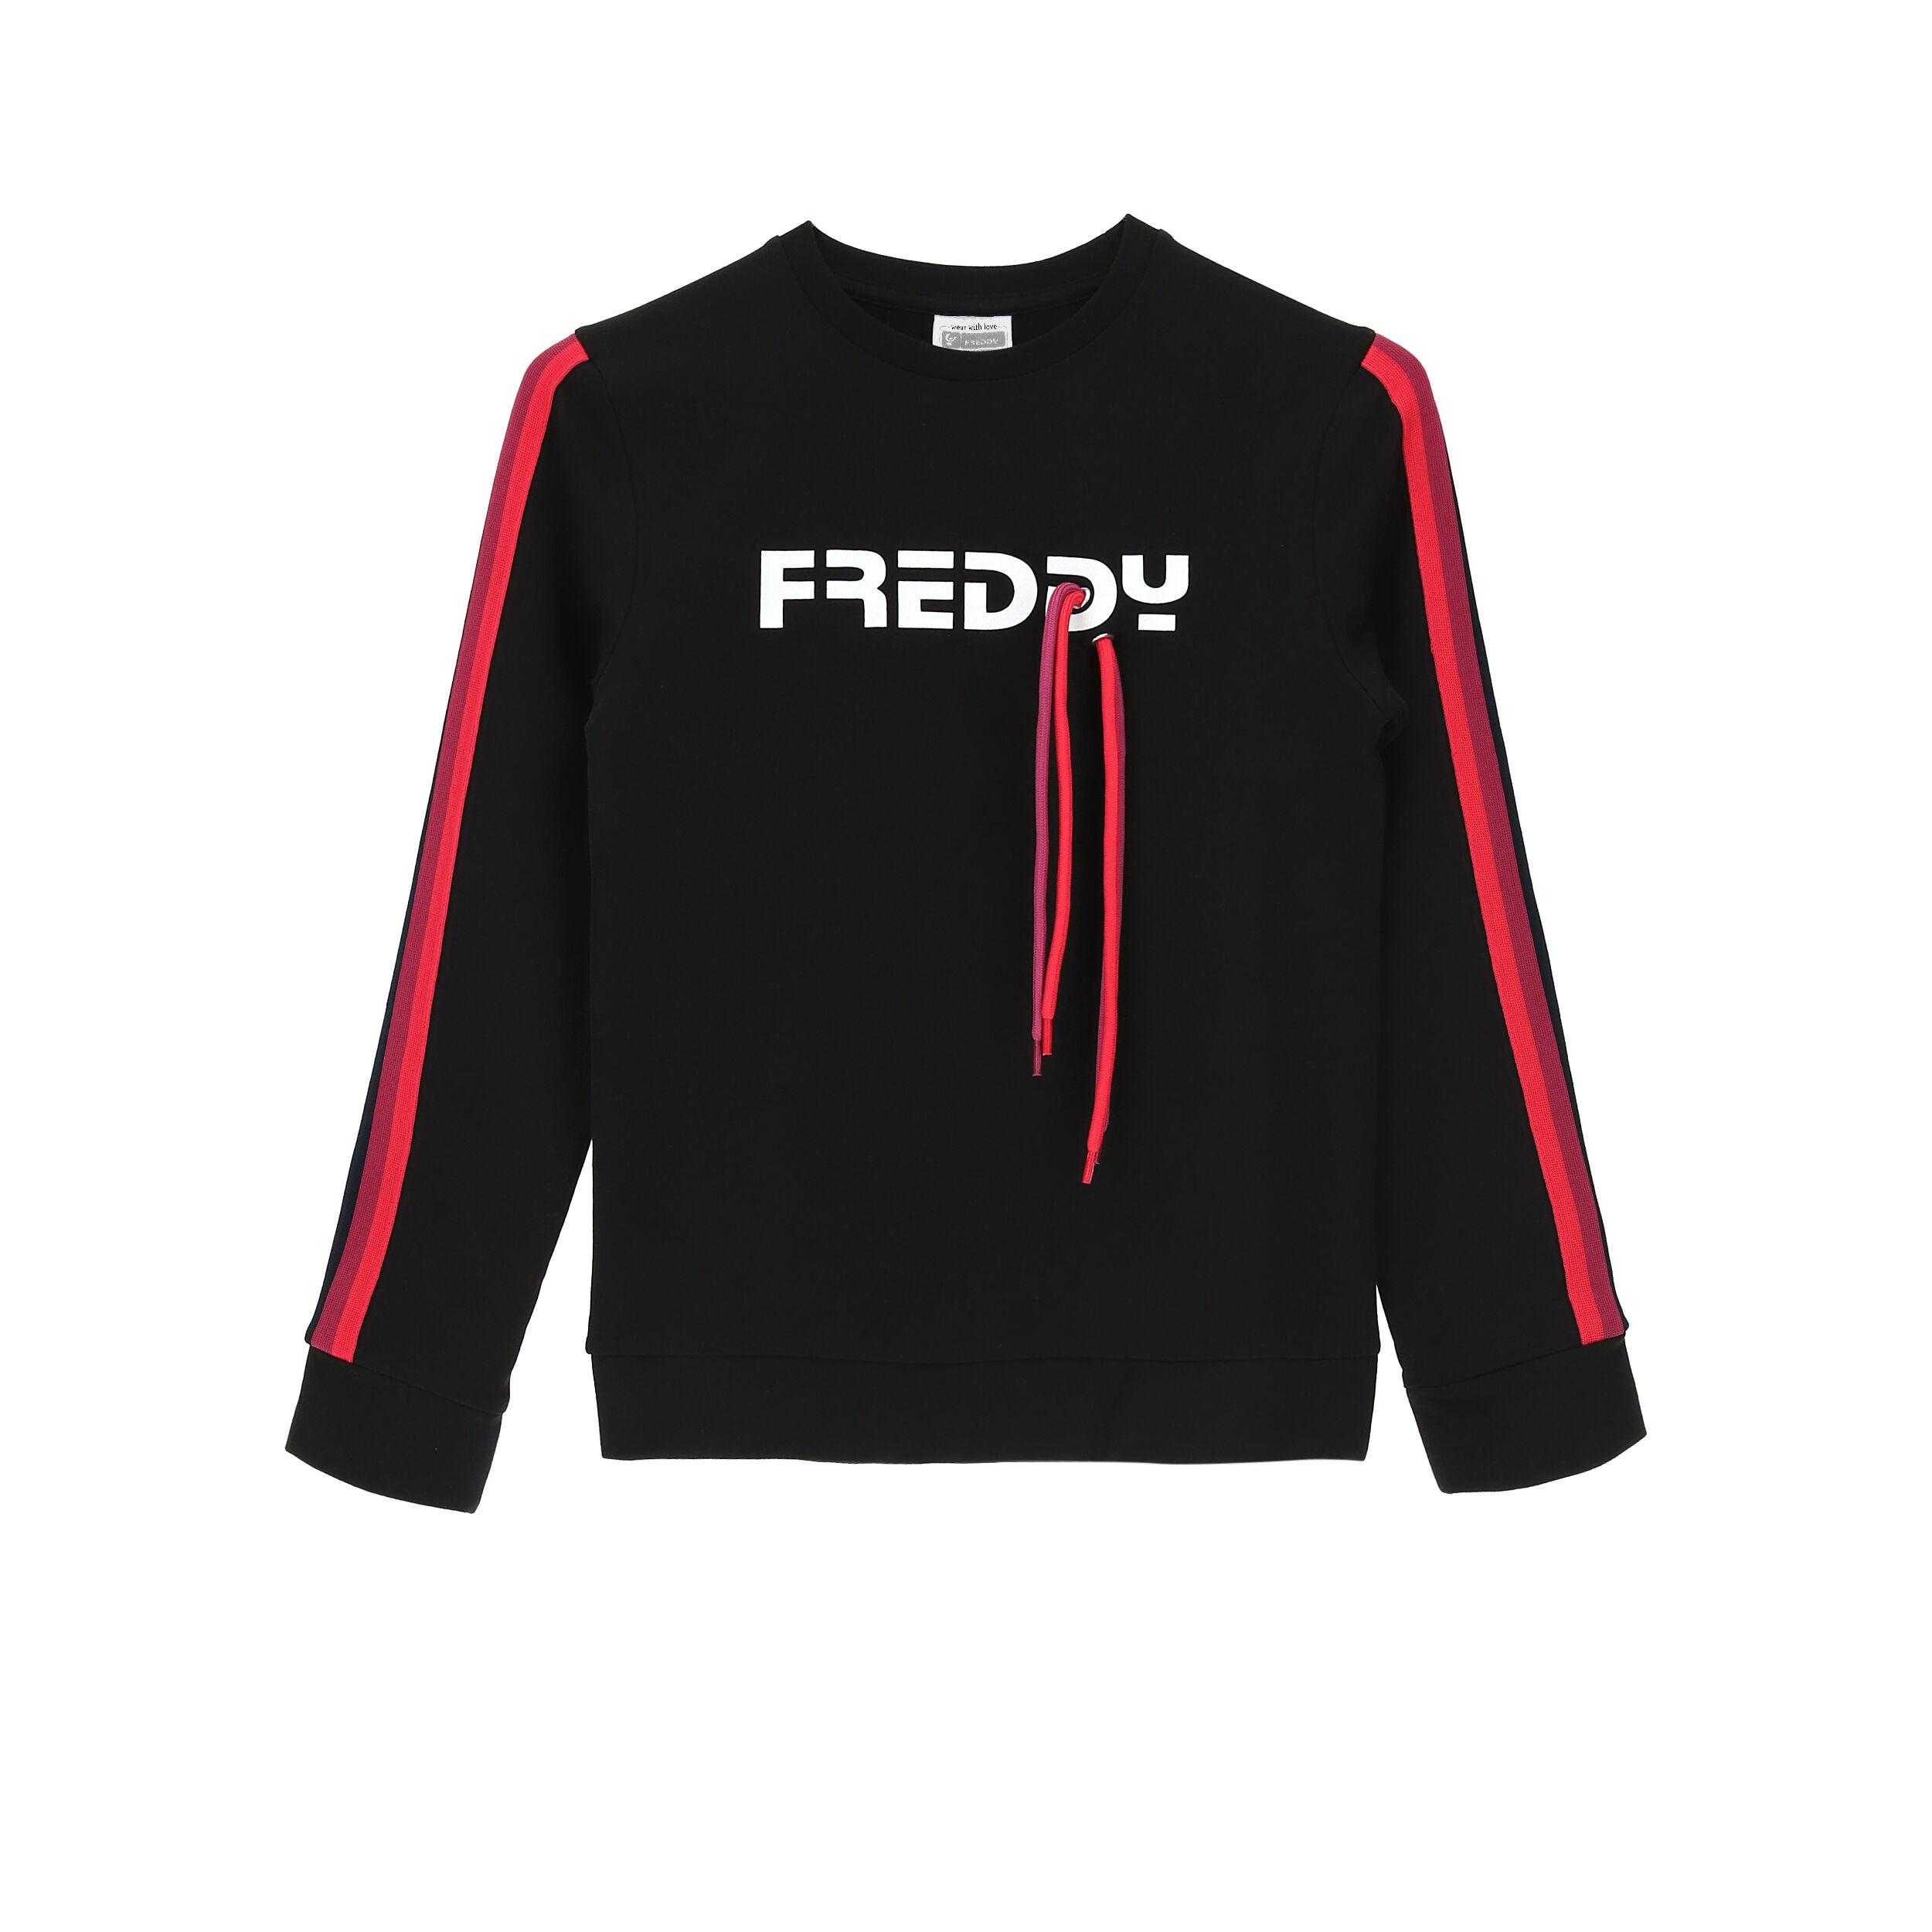 Freddy Maglia con applicazione e bande colorate – Bambina 6-8 anni Black